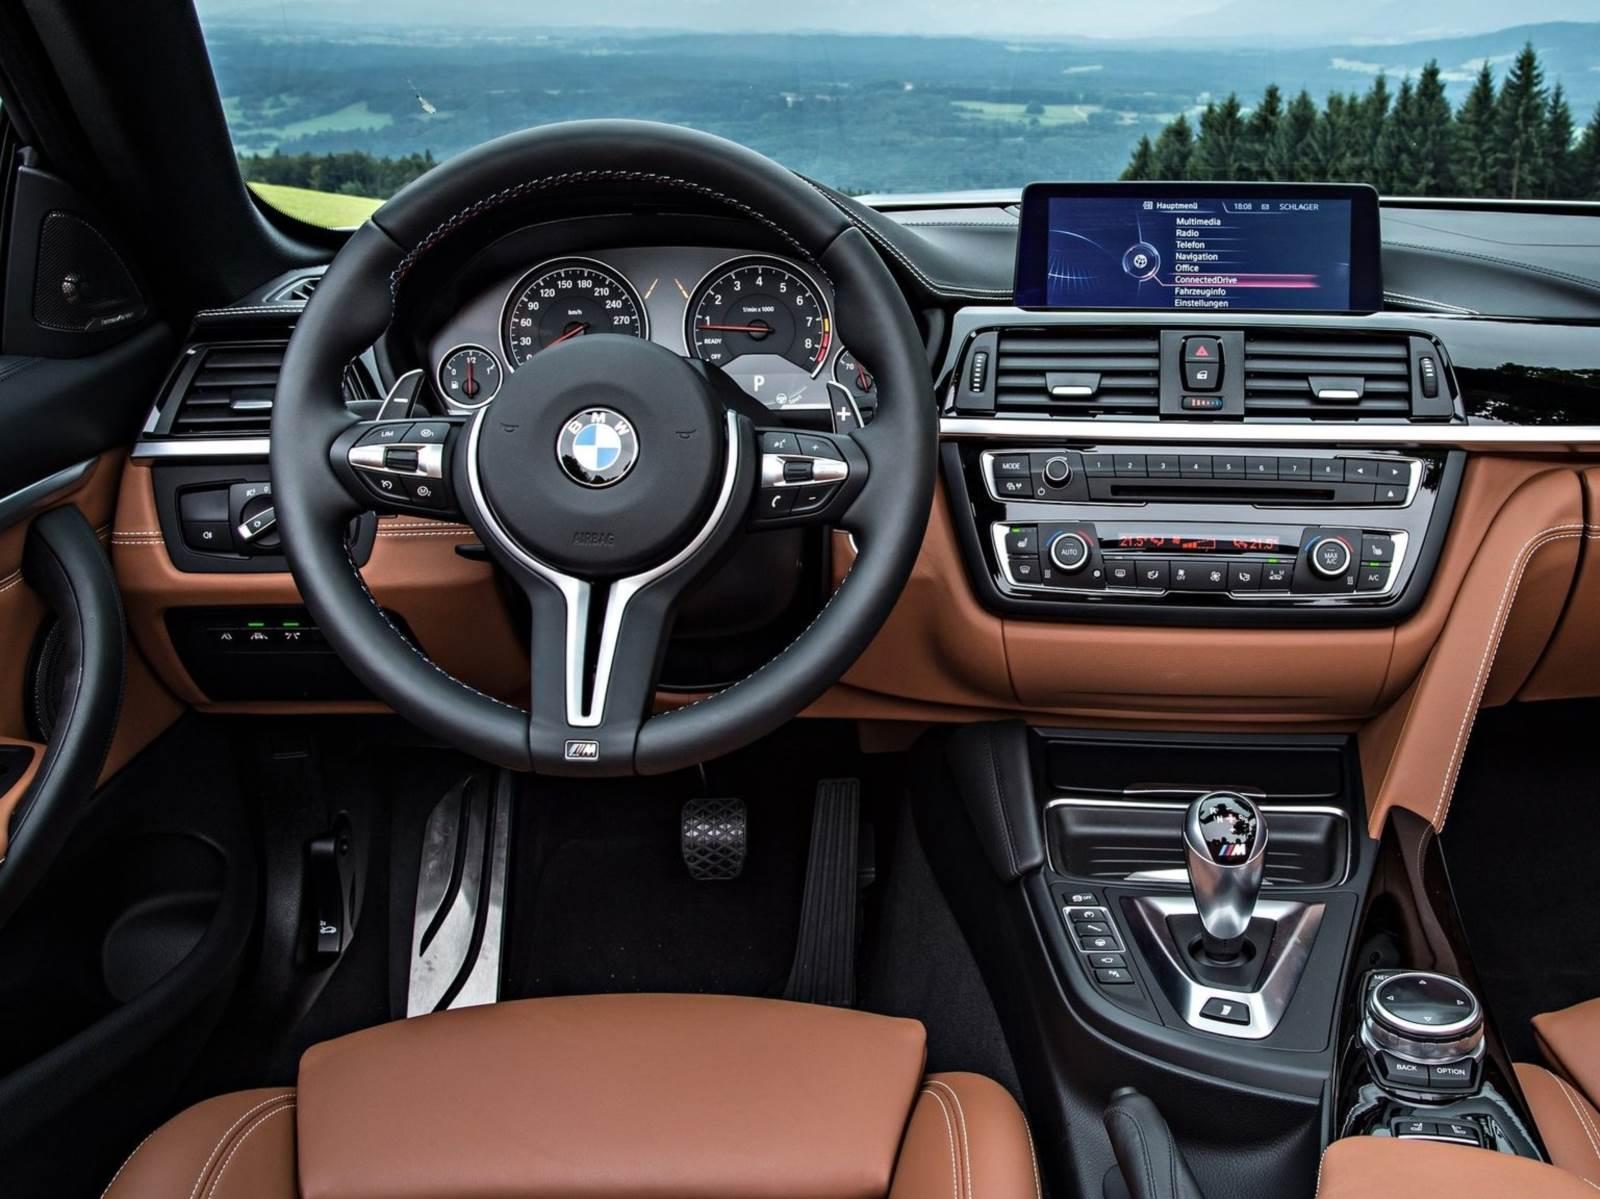 Bmw M4 Convers 237 Vel Pre 231 O Parte De R 165 Mil Nos Eua Car Blog Br